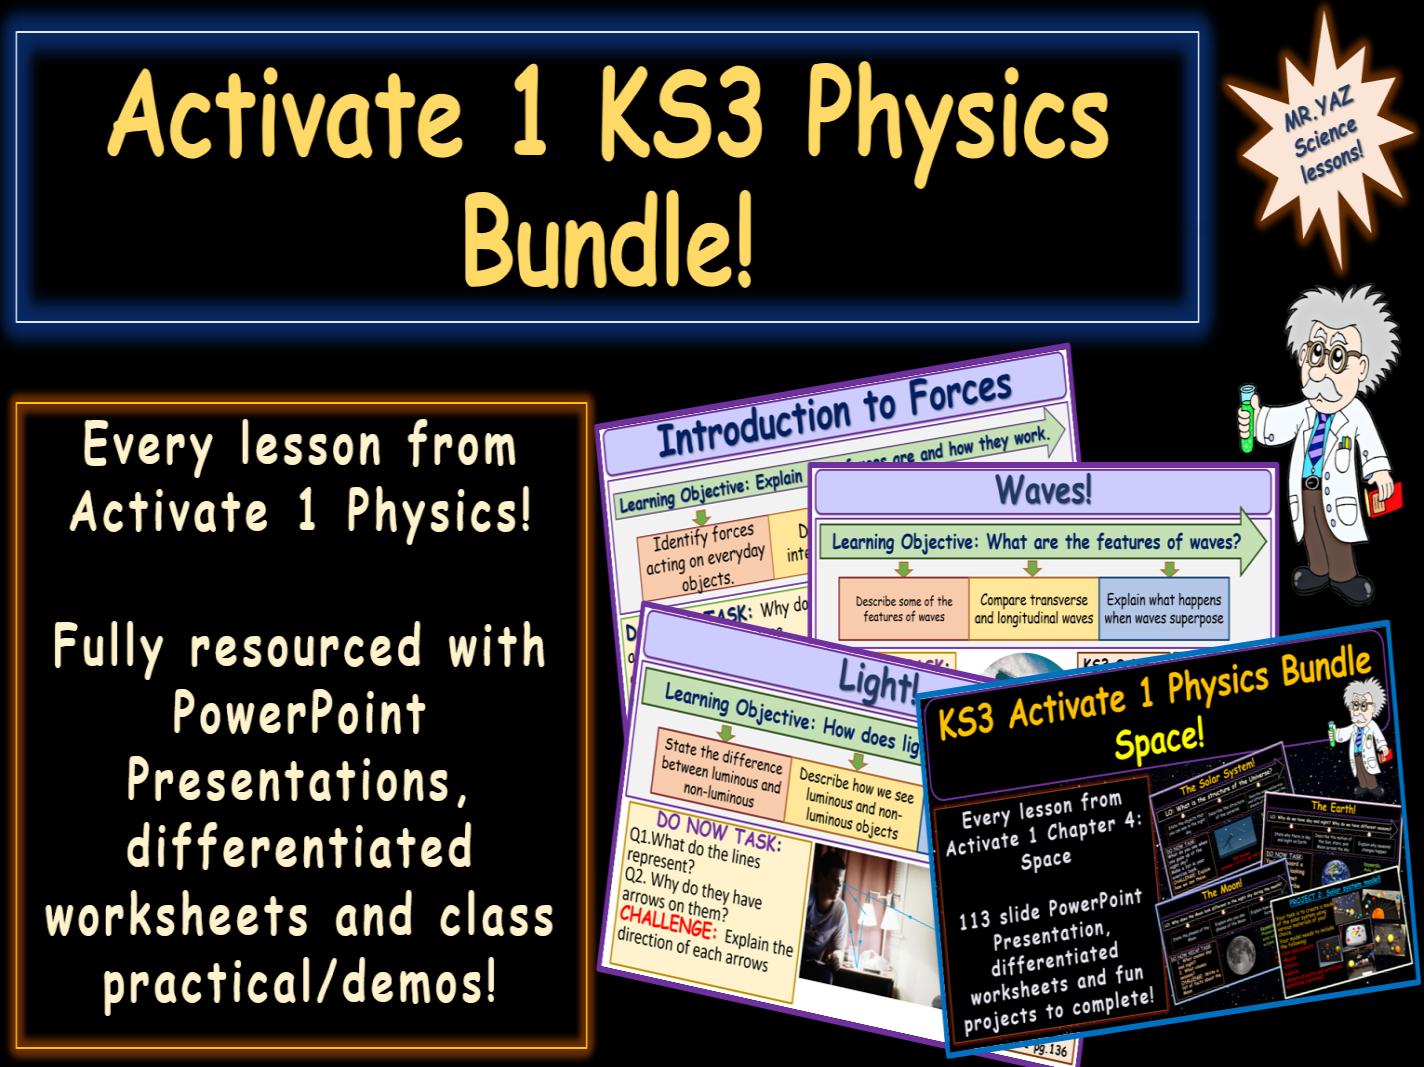 Activate 1 KS3 Physics bundle